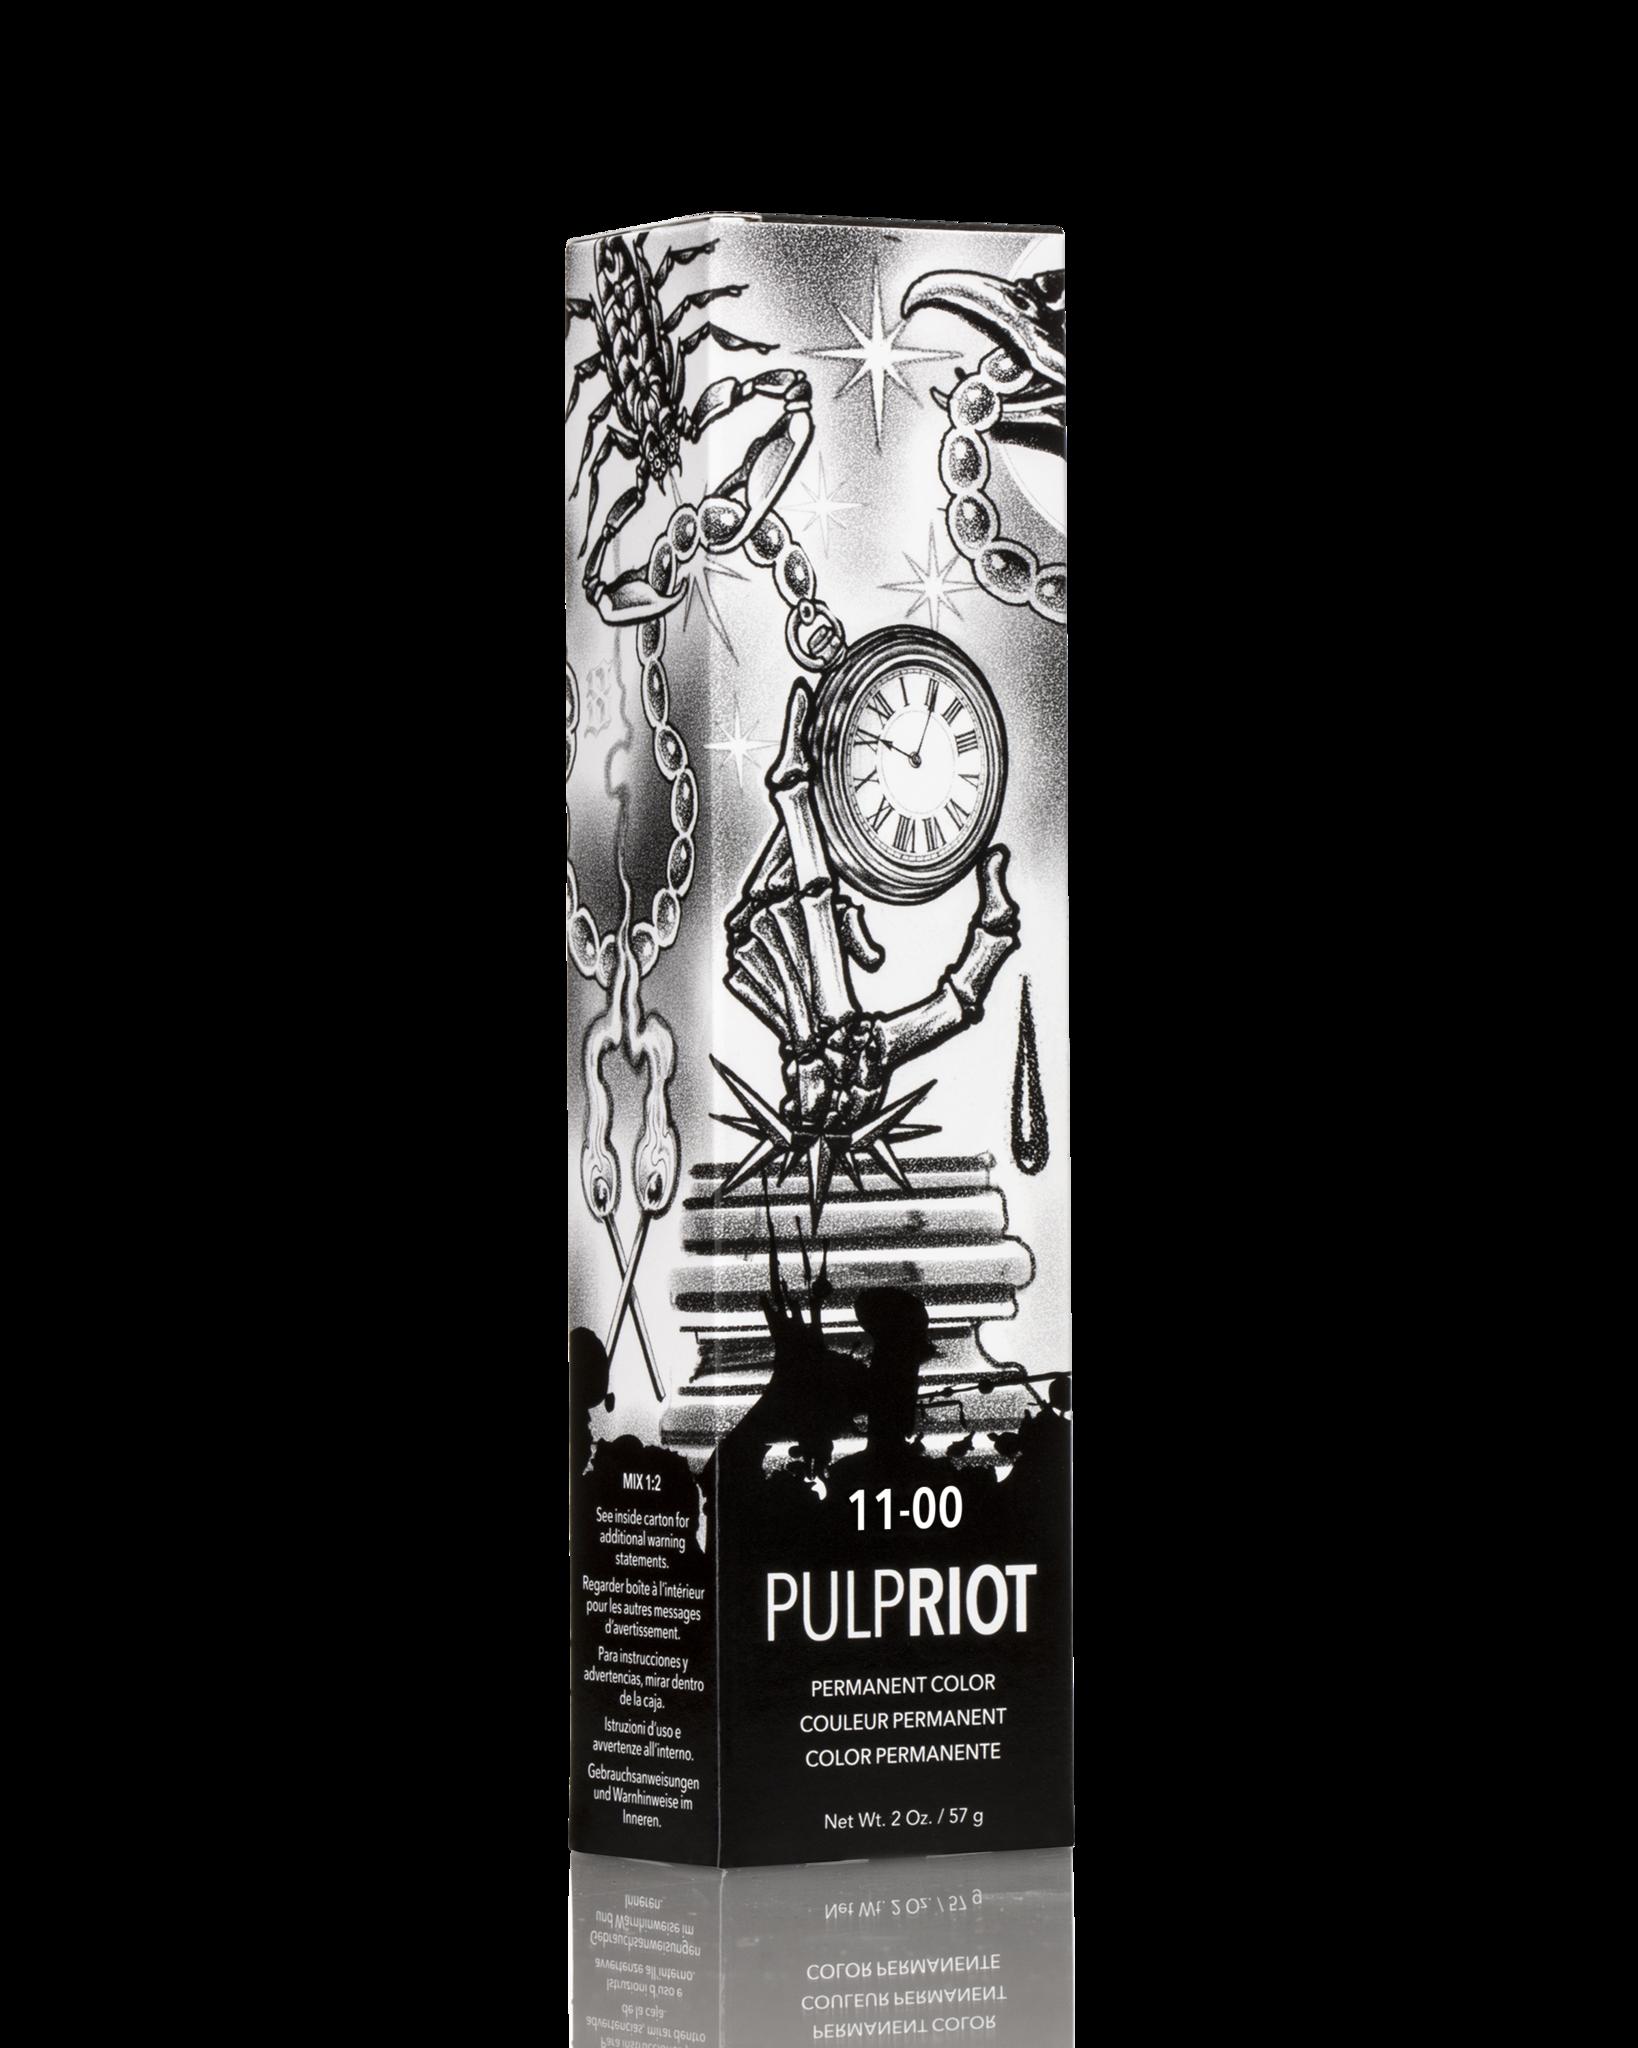 Pulp Riot PULP RIOT FACTION 8 SUPER ÉCLAIRCISSANT/HIGHLIFT 11-00